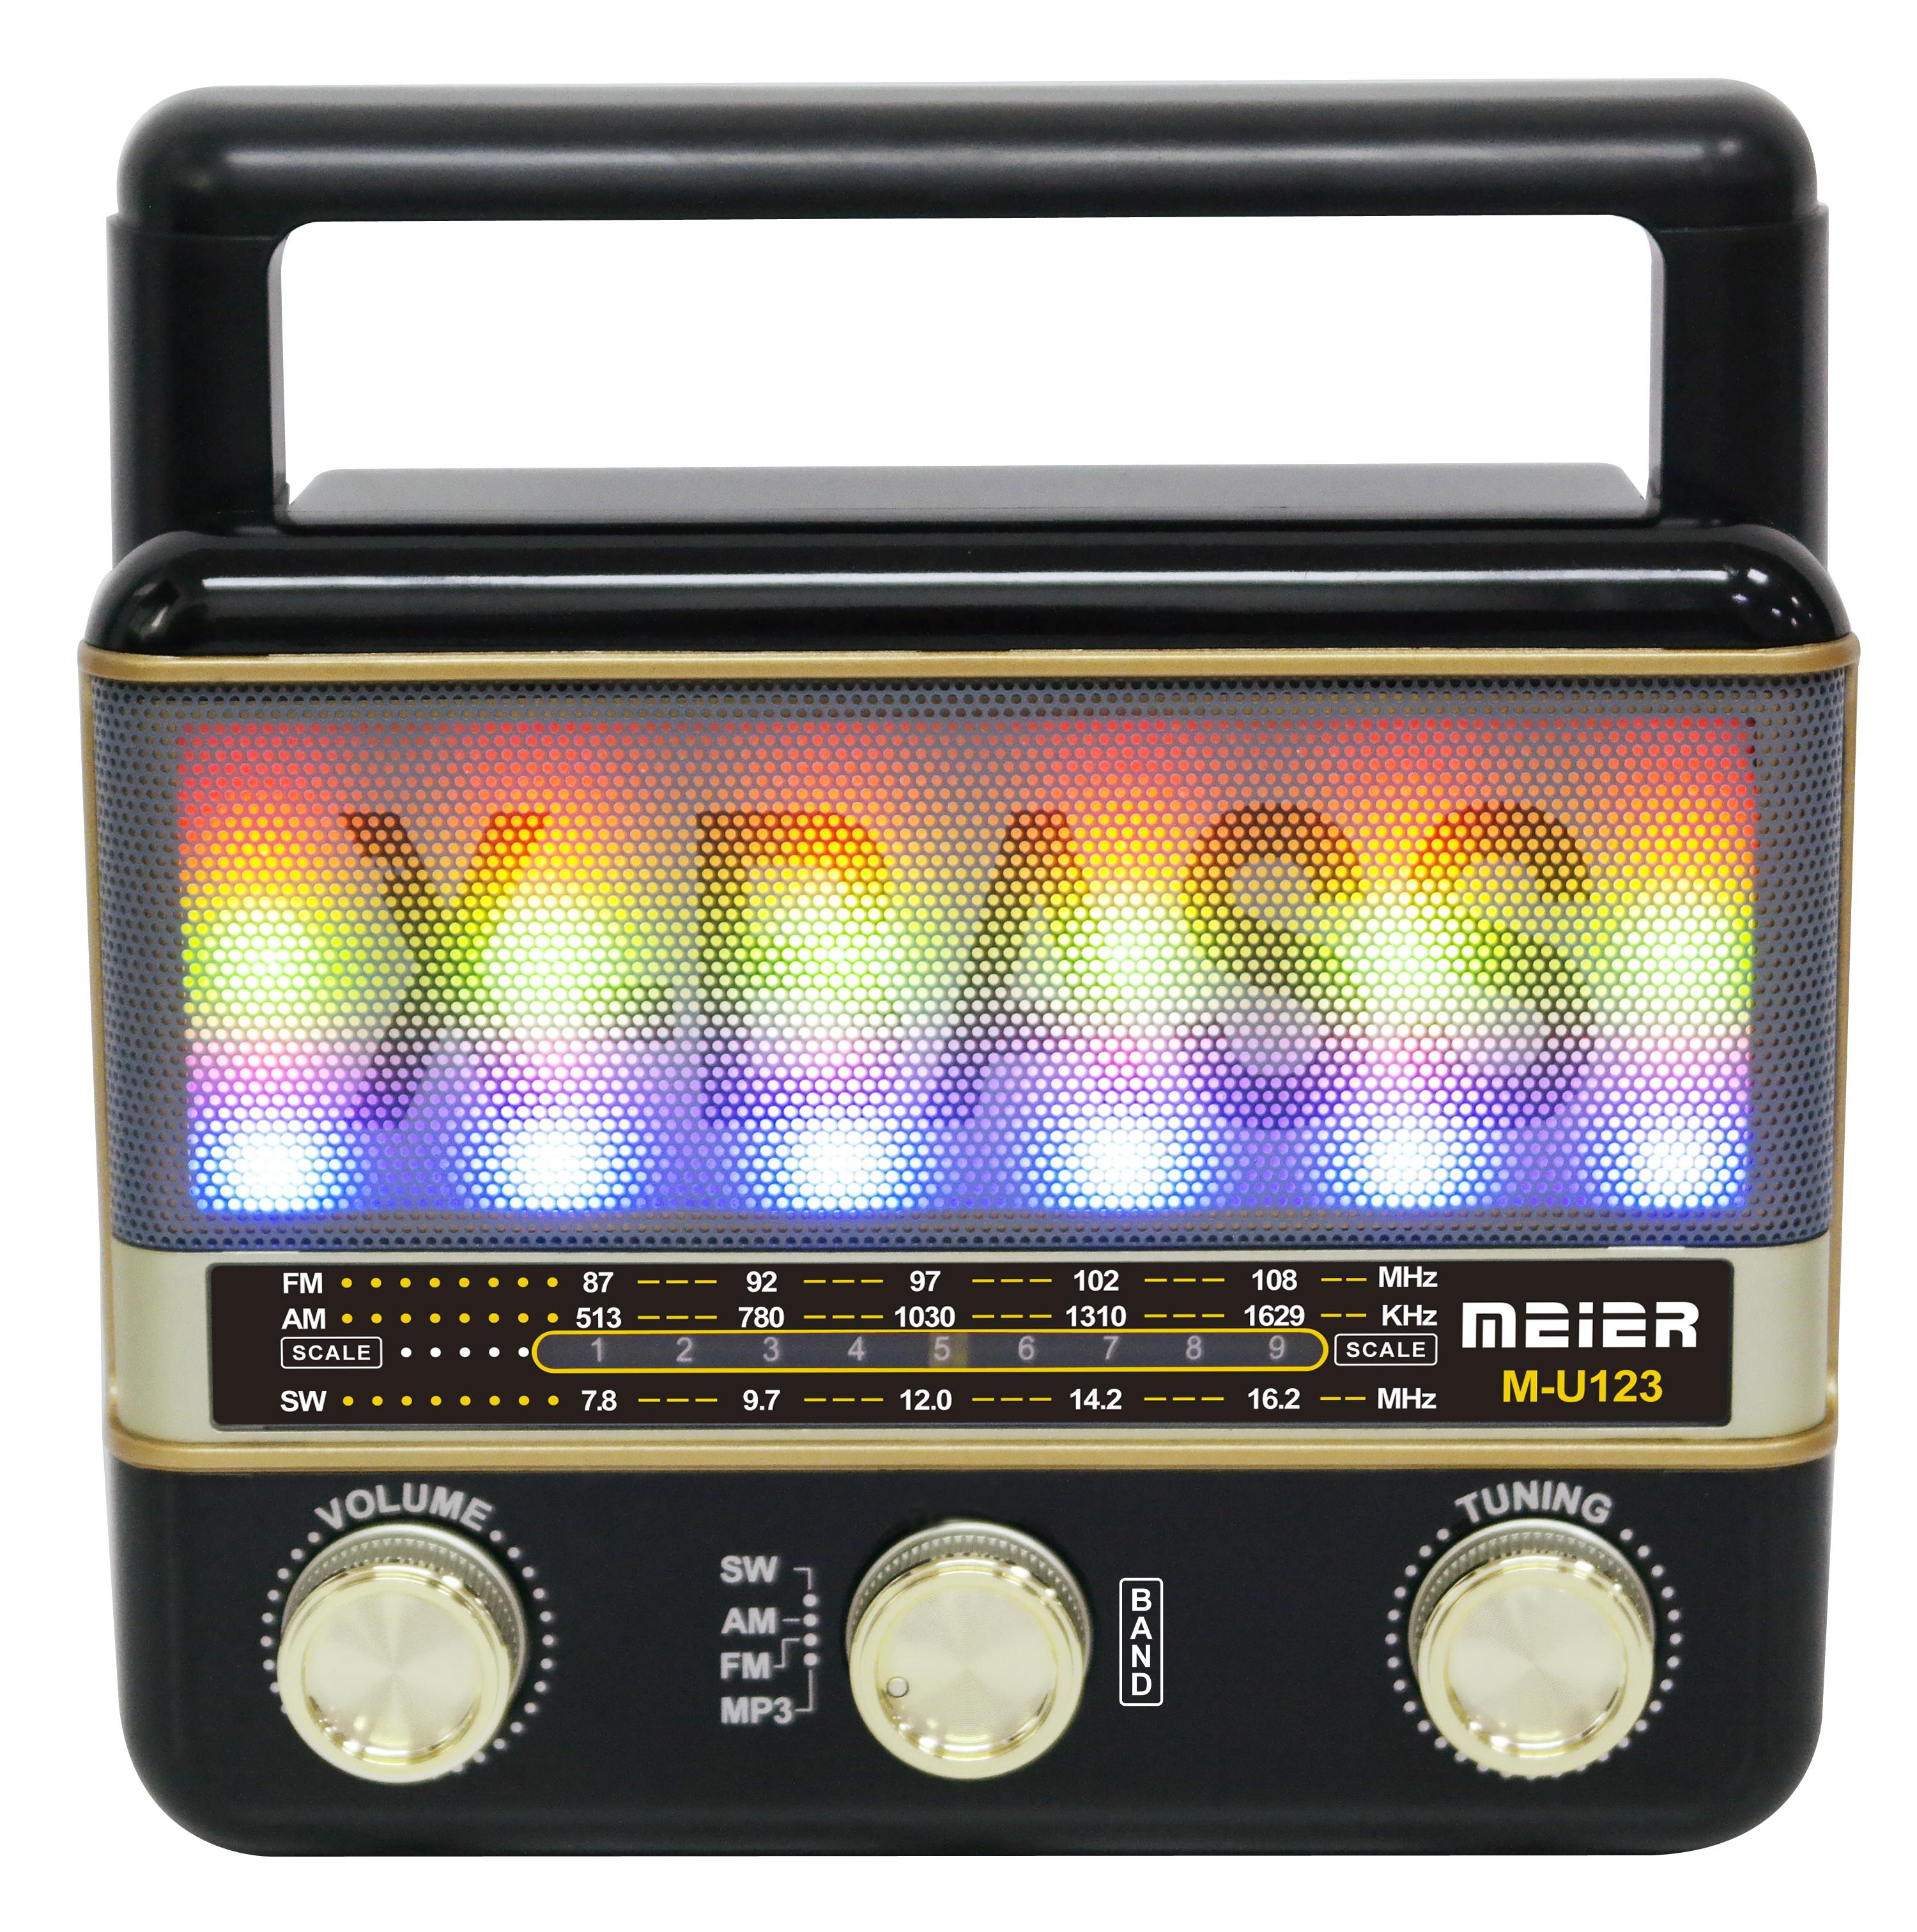 m-u123(收音机)fm